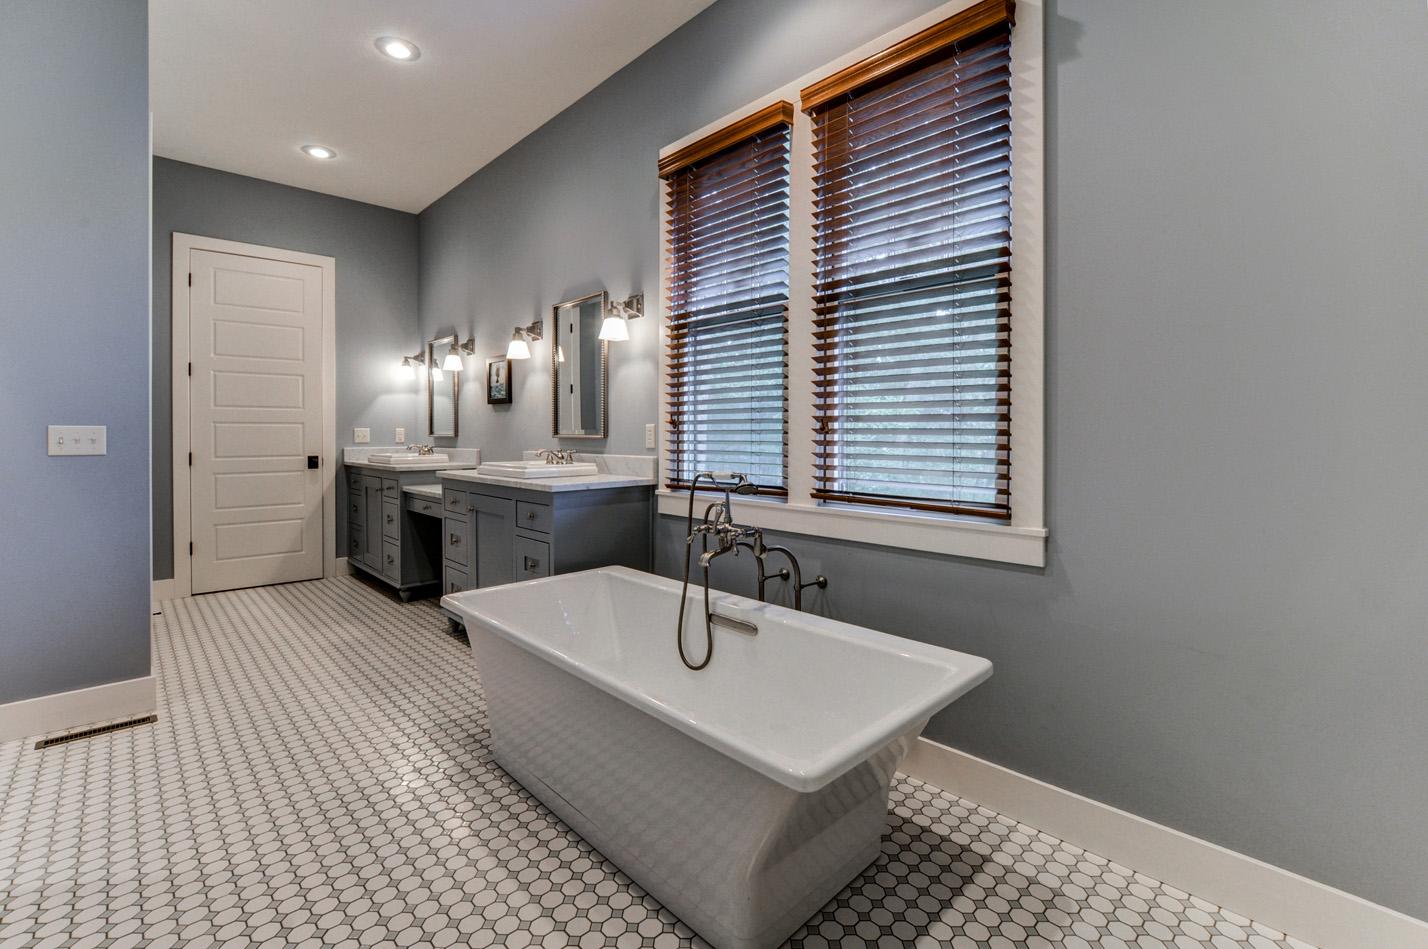 built-by-brett-custom-home-builders-springfield-mo-stonegate-court-021.jpg